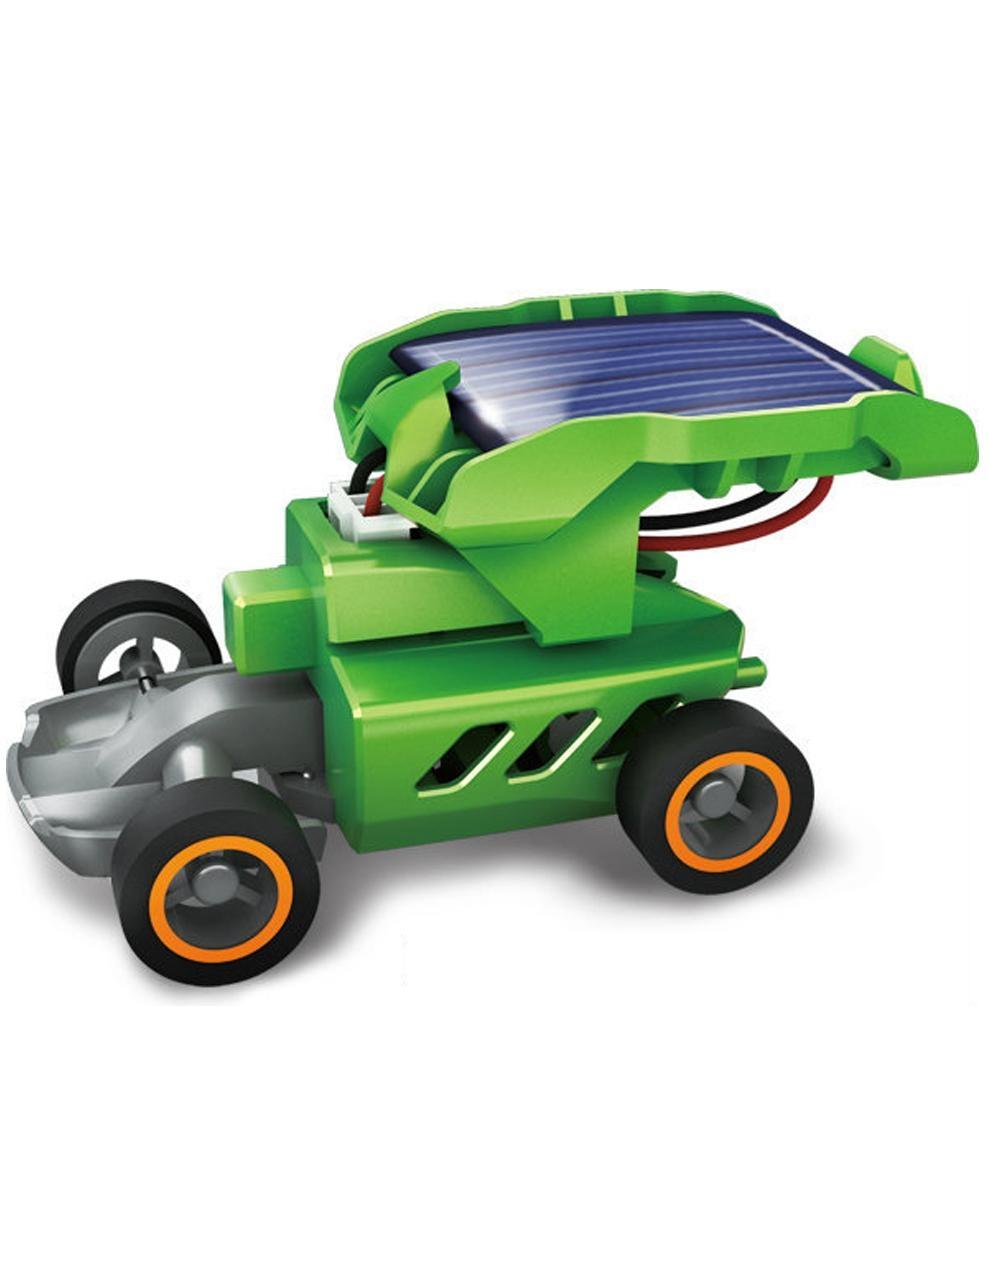 Купить Пластмассовые, Автомобильный парк 7 в 1, ND Play, Китай, зелёный, пластмасса, металл, резина, Мужской